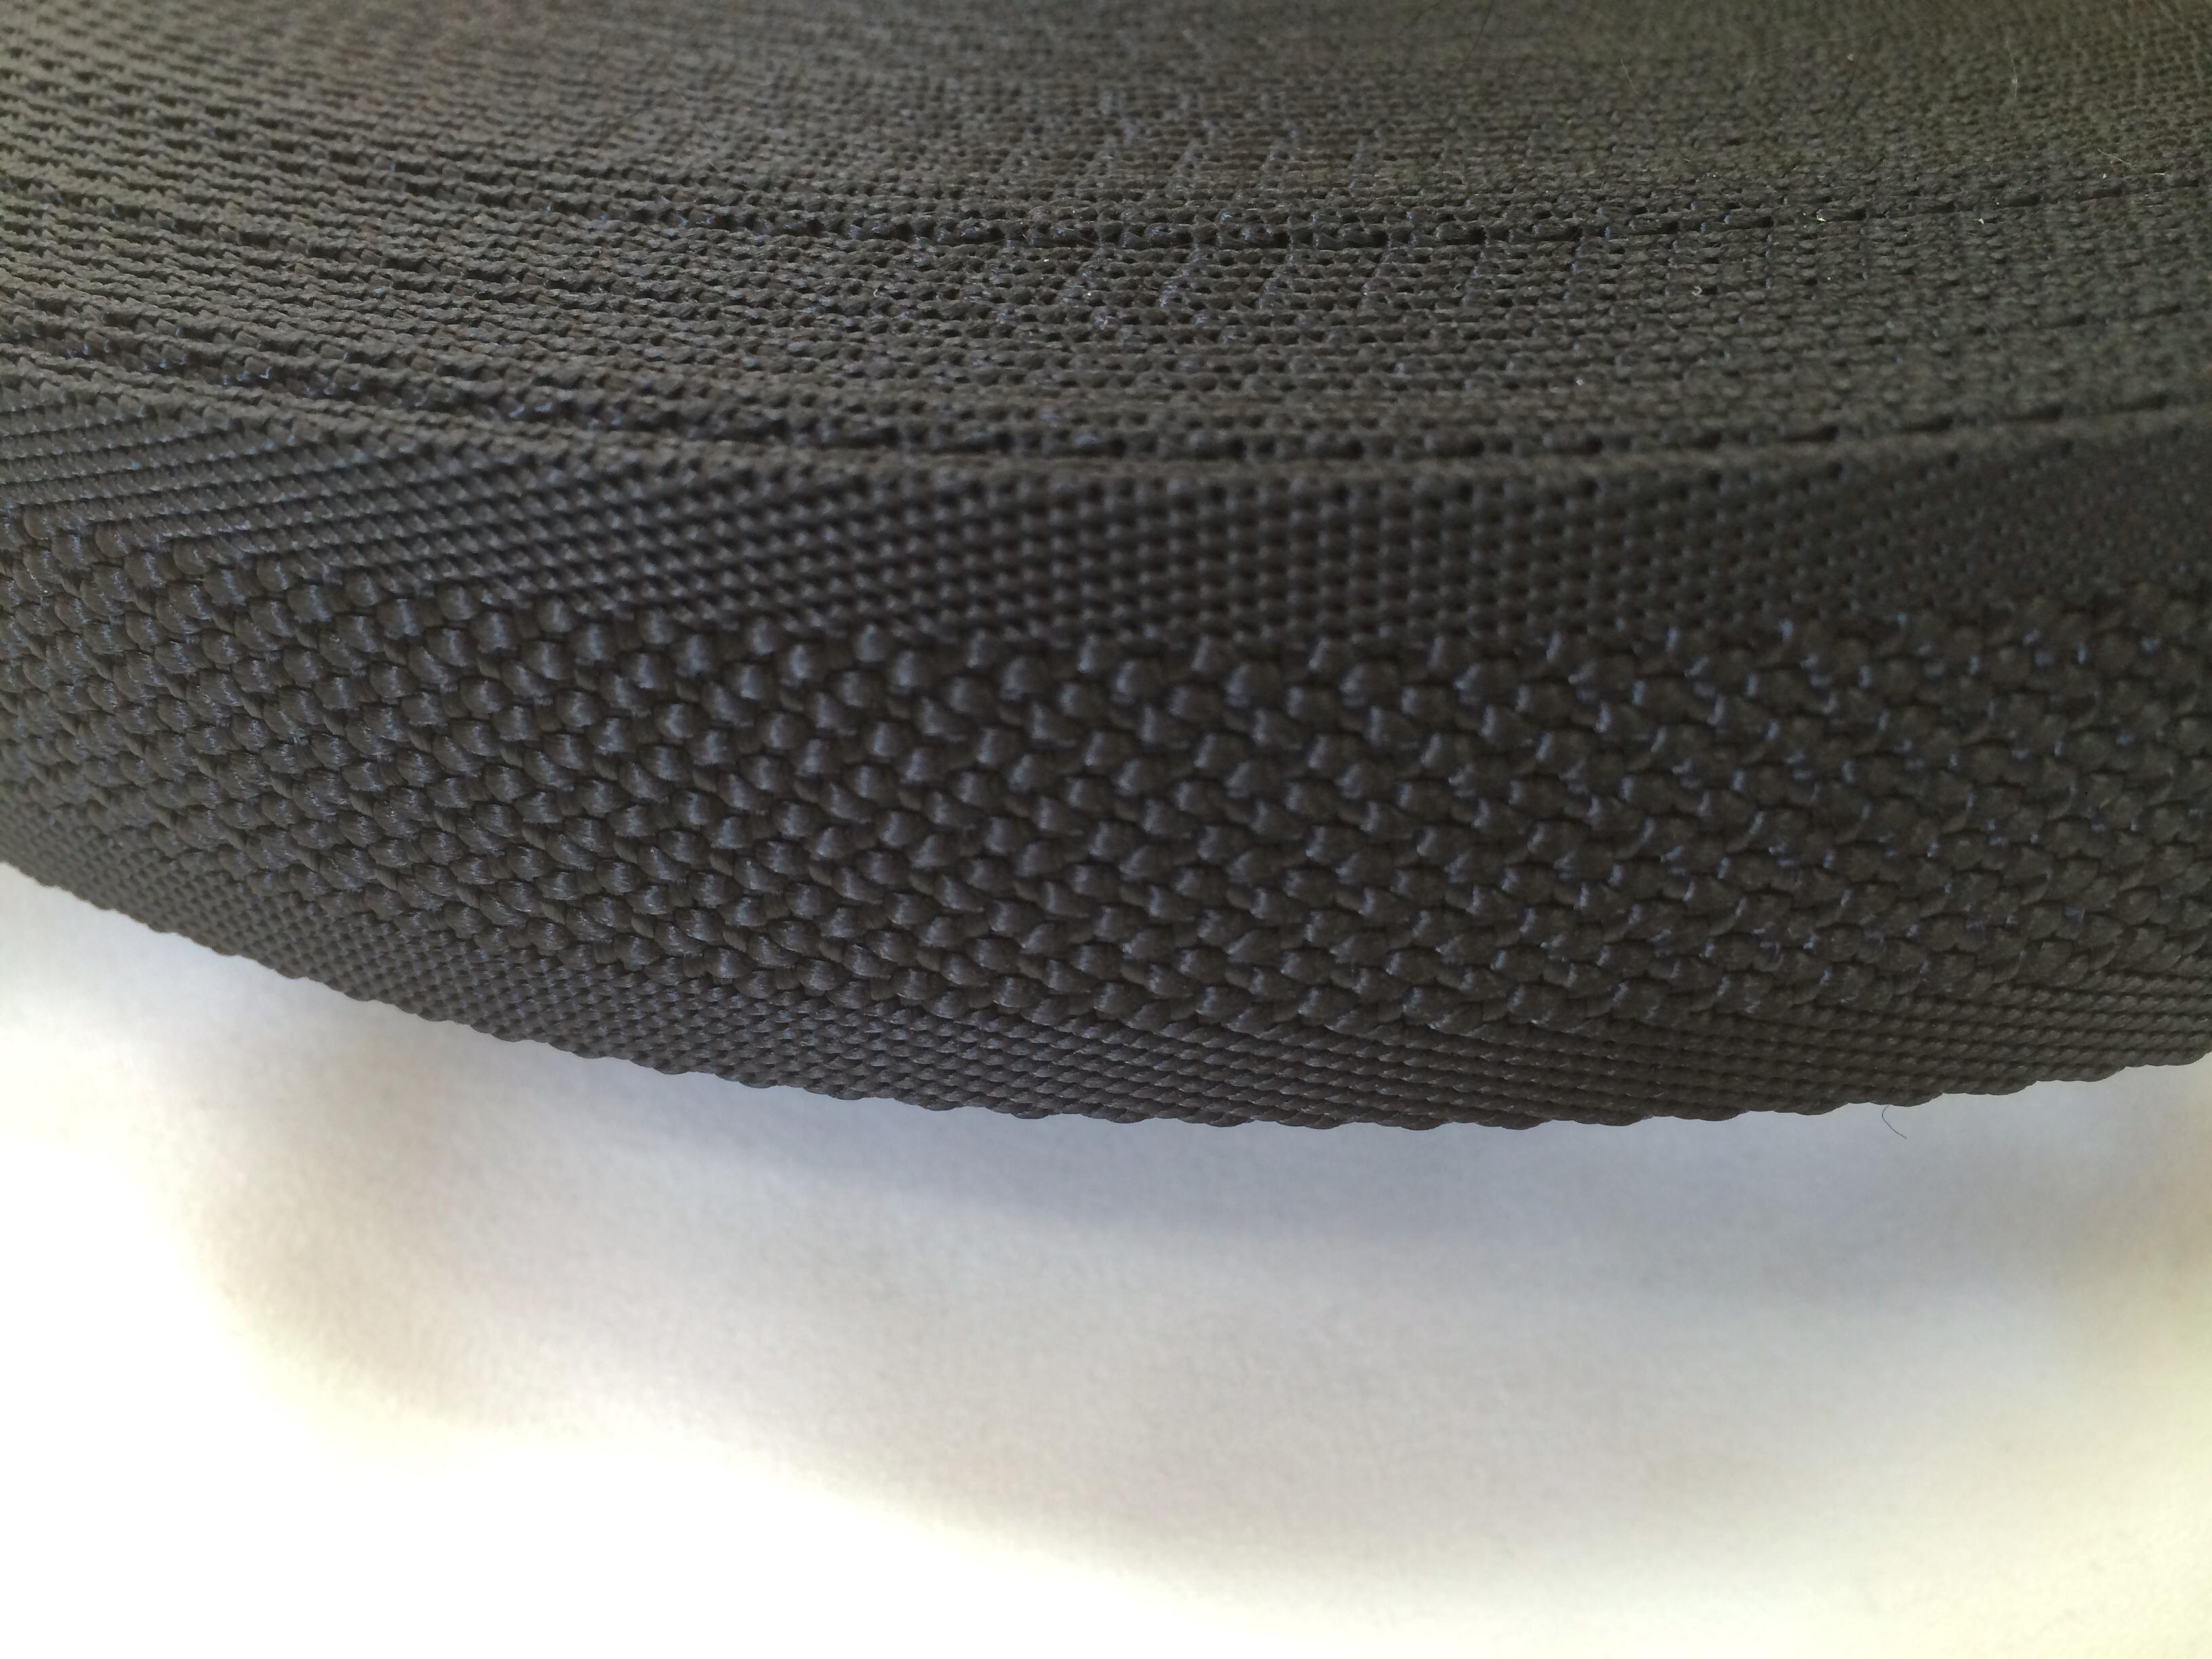 ナイロンテープ  中乱織  30mm幅  1.5mm厚  黒  5m単位